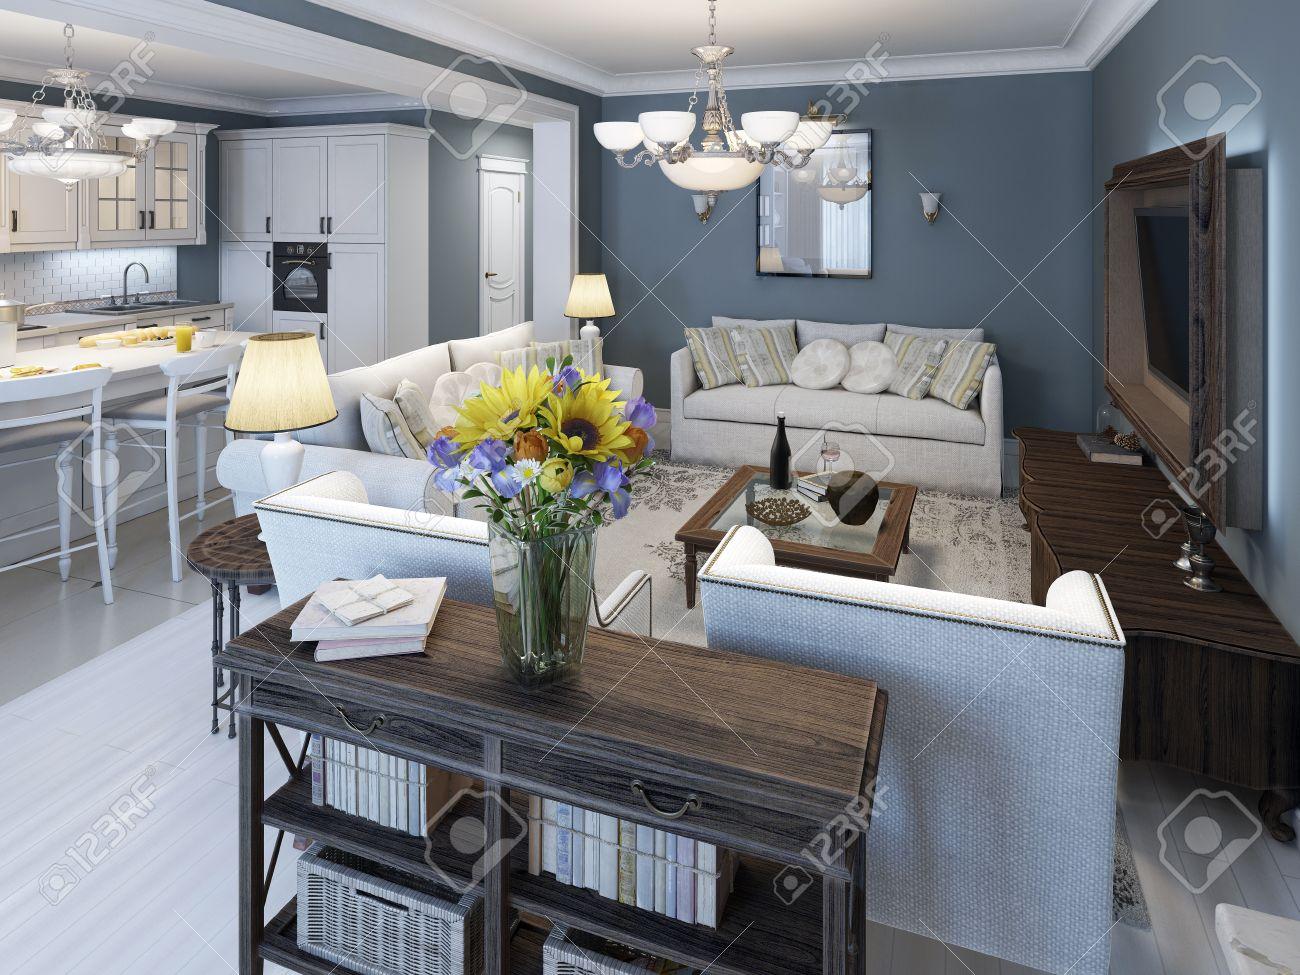 Wohnzimmer Im Mediterranen Stil Mit Blauen Wänden. Weiß Parkettboden ...